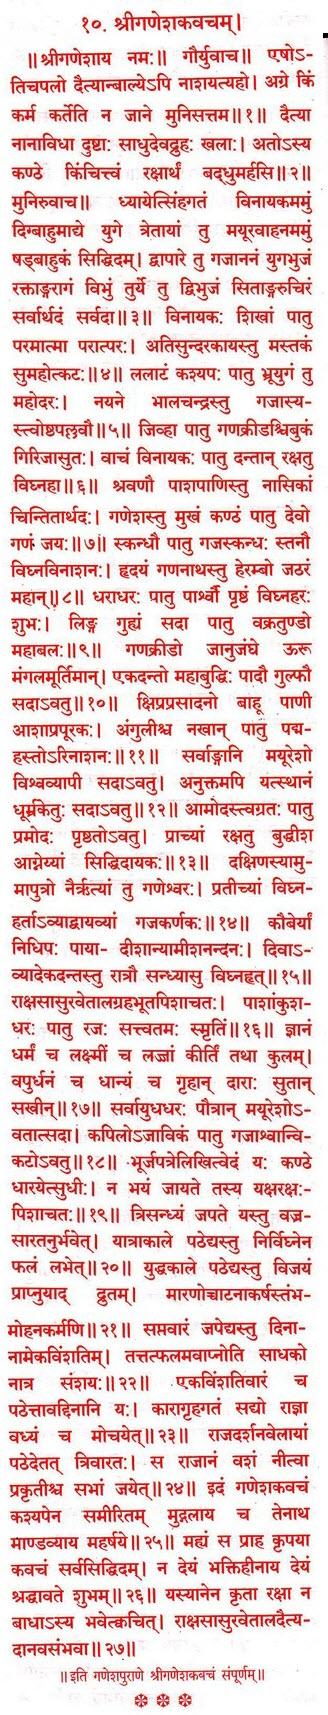 010 - Ganesh Puran - Ganesh Kavach